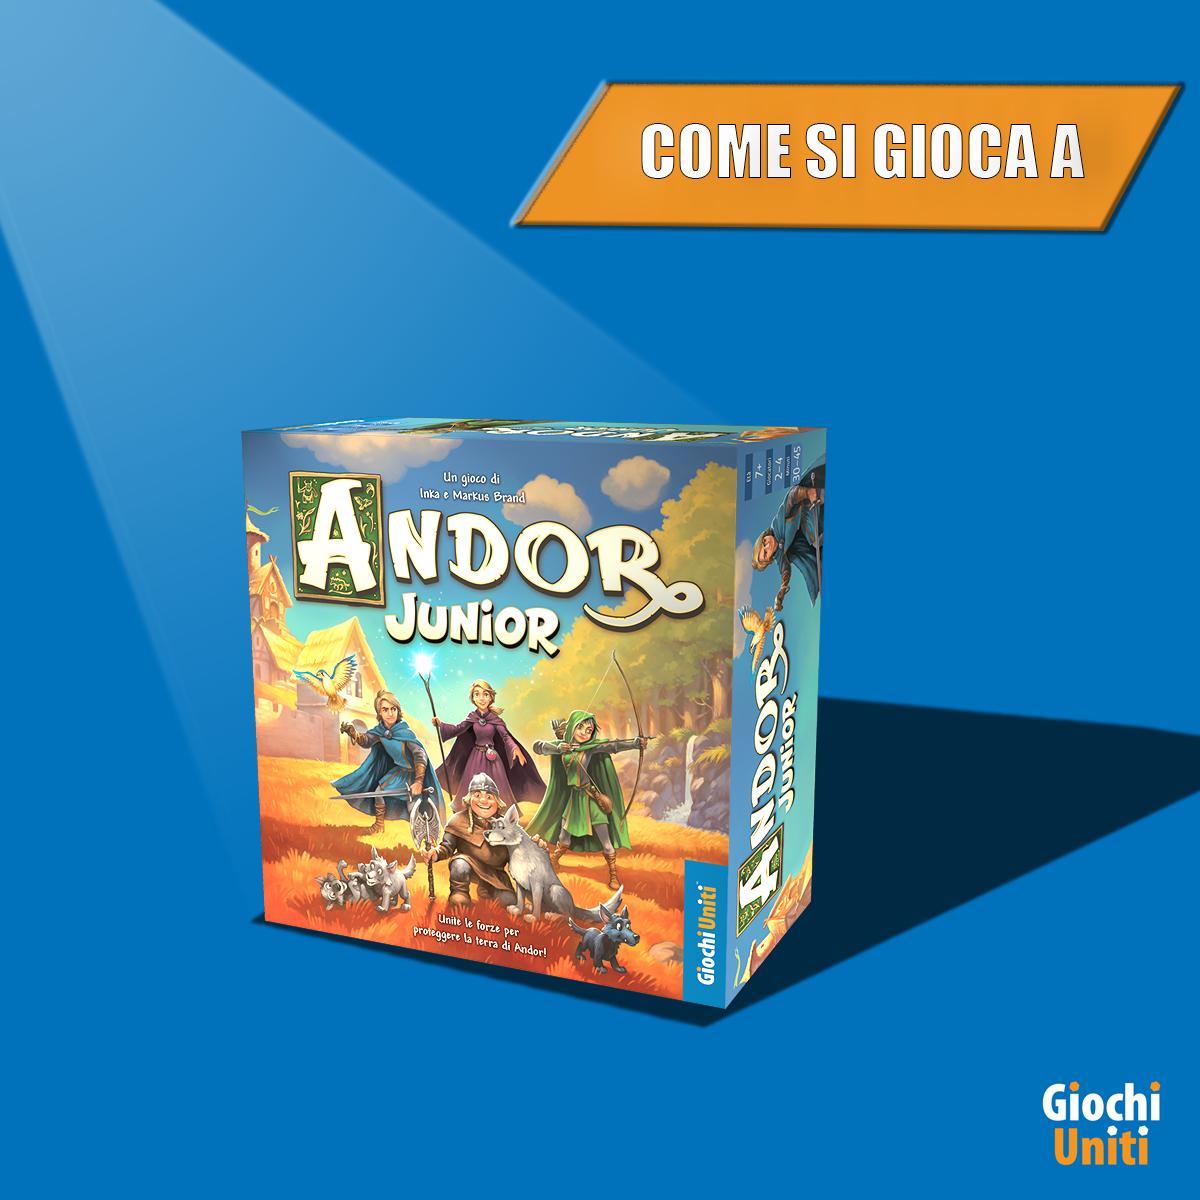 Andor Junior - come si gioca